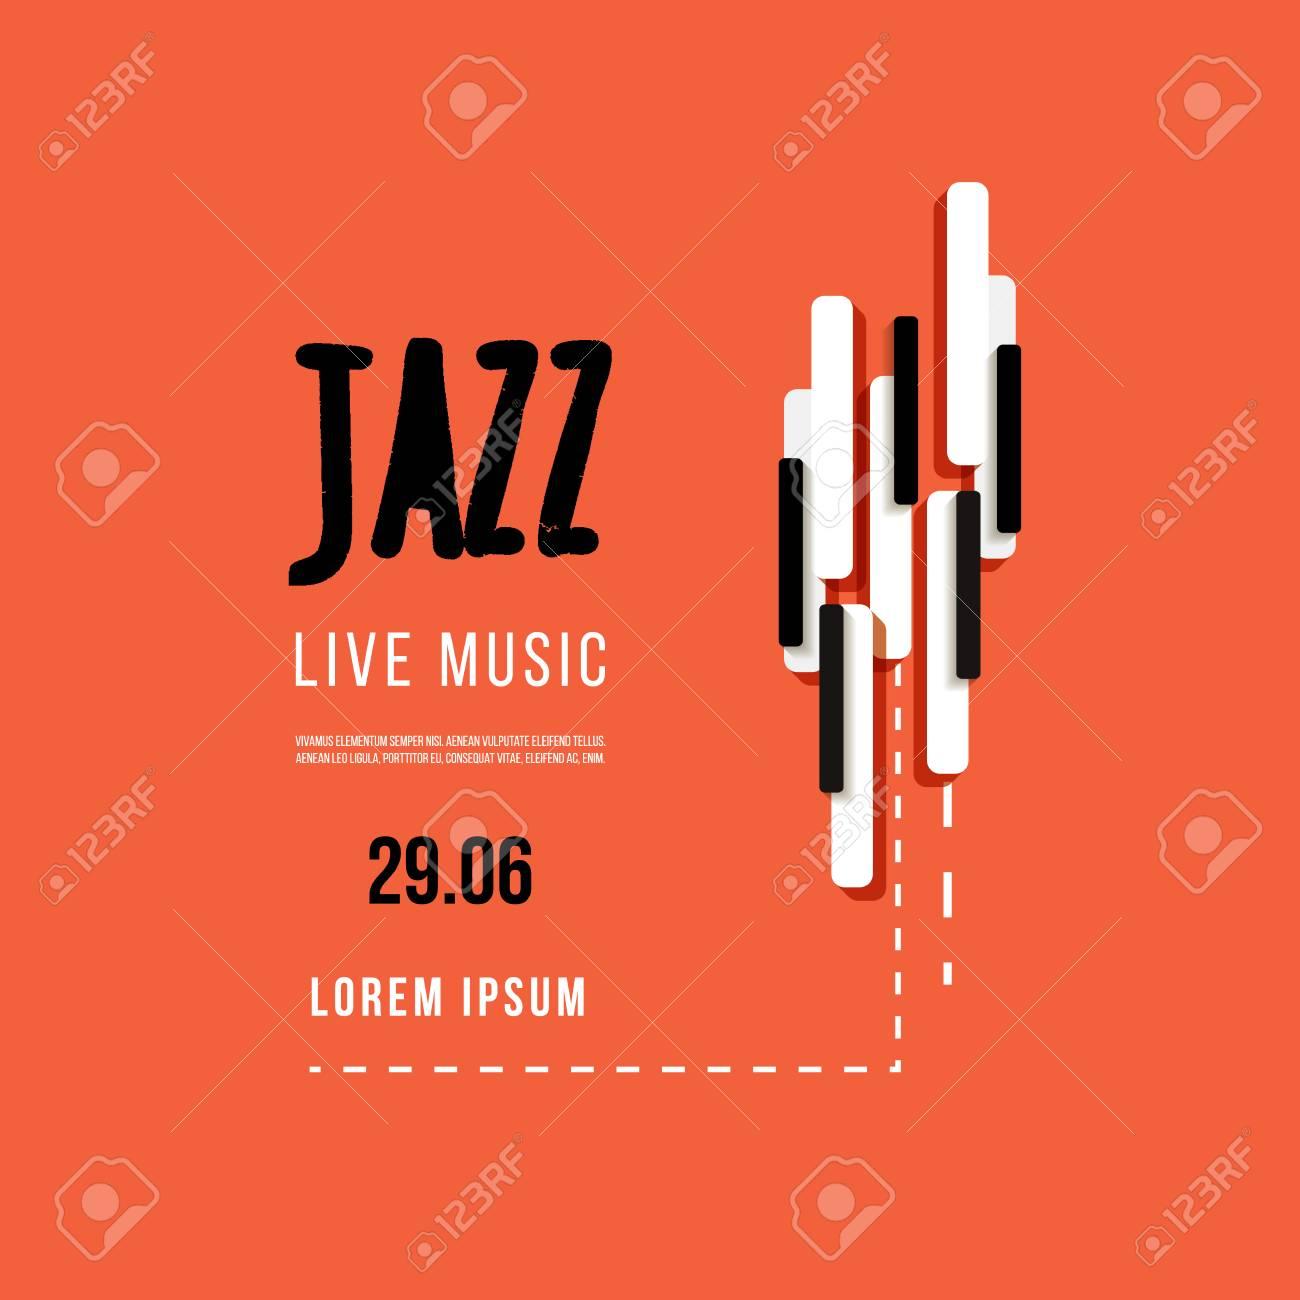 Festival De Música De Jazz, La Plantilla De Fondo Del Cartel. El ...